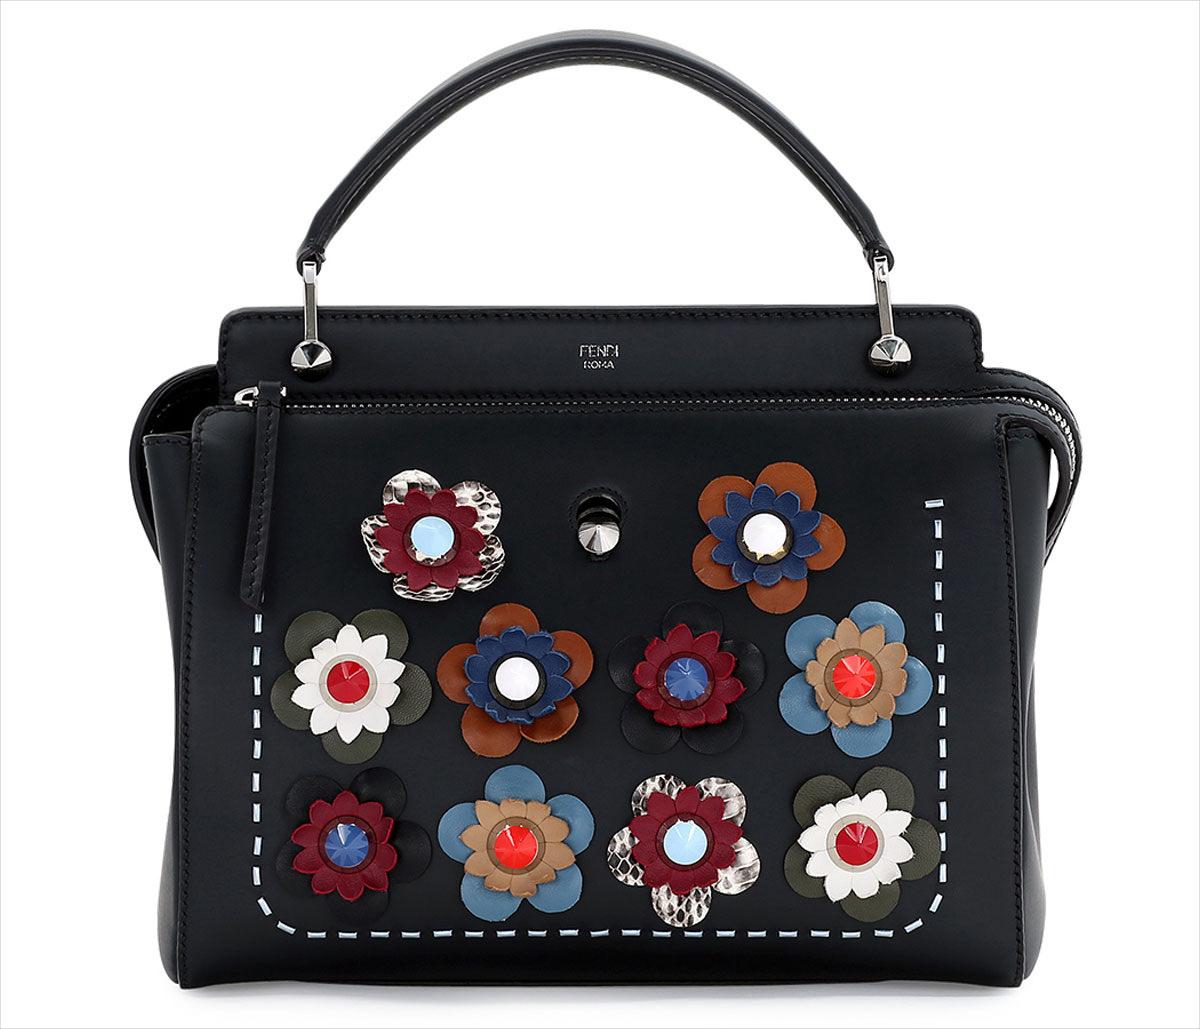 Fendi Floral Leather Bag